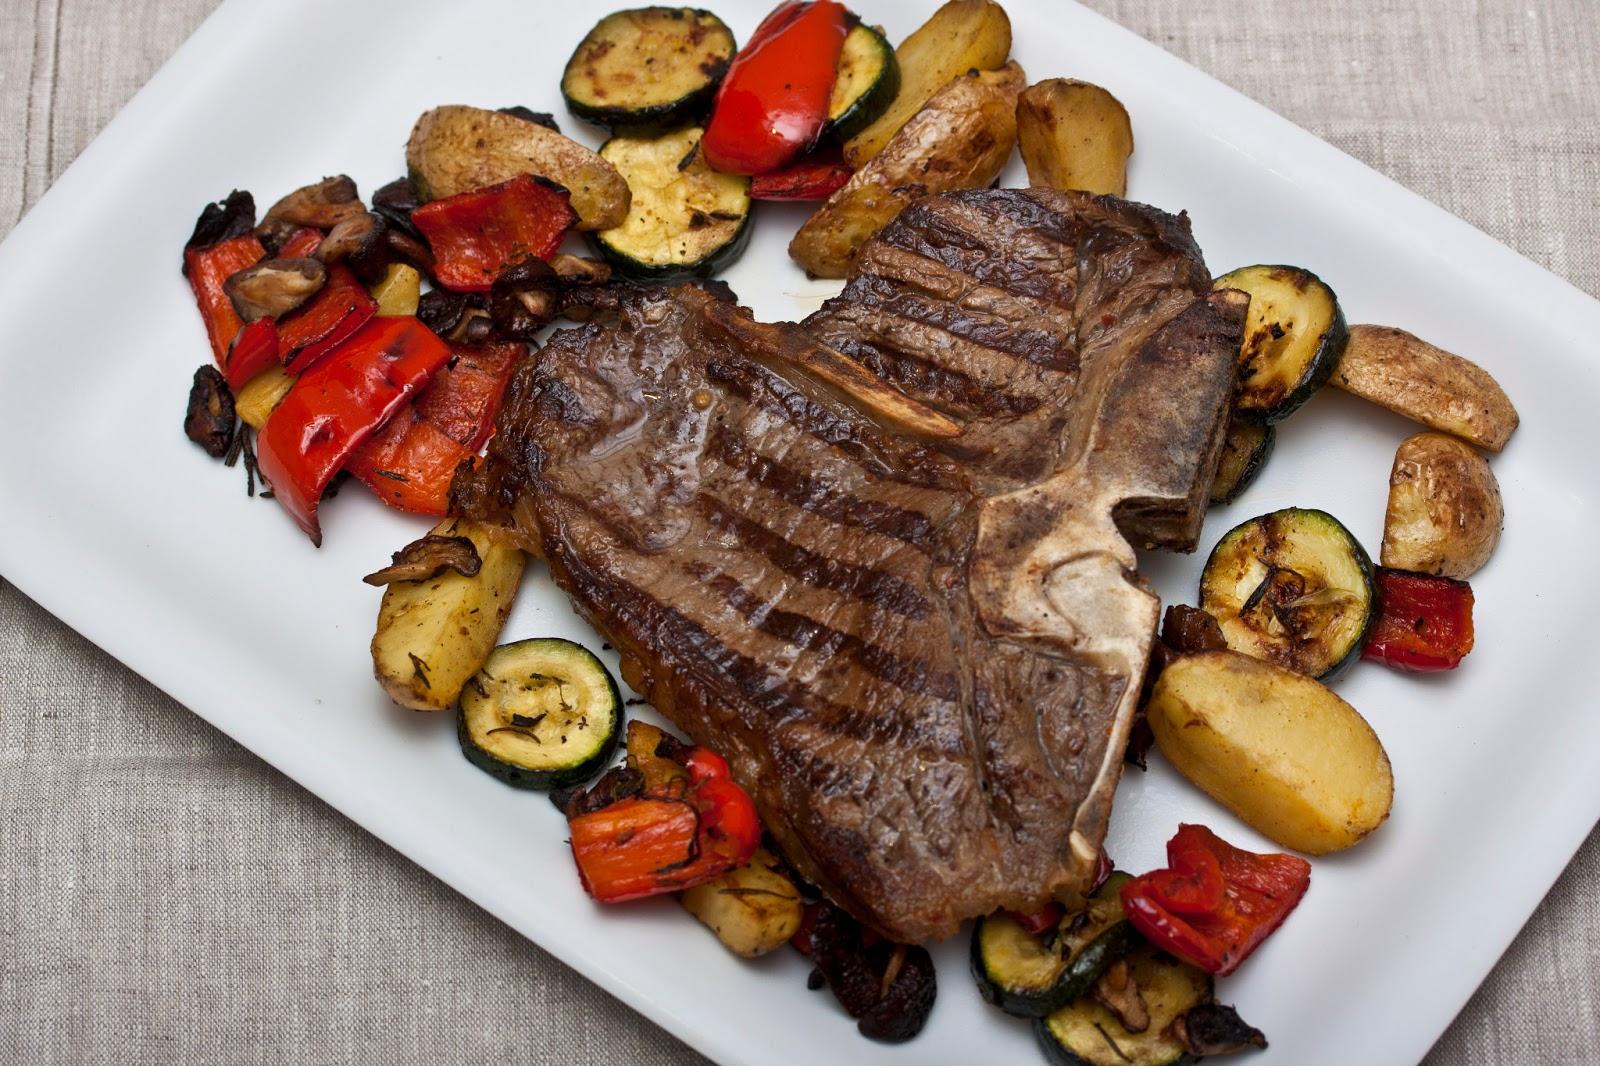 annetts kulinarisches tagebuch angegrillt mit t bone steak. Black Bedroom Furniture Sets. Home Design Ideas